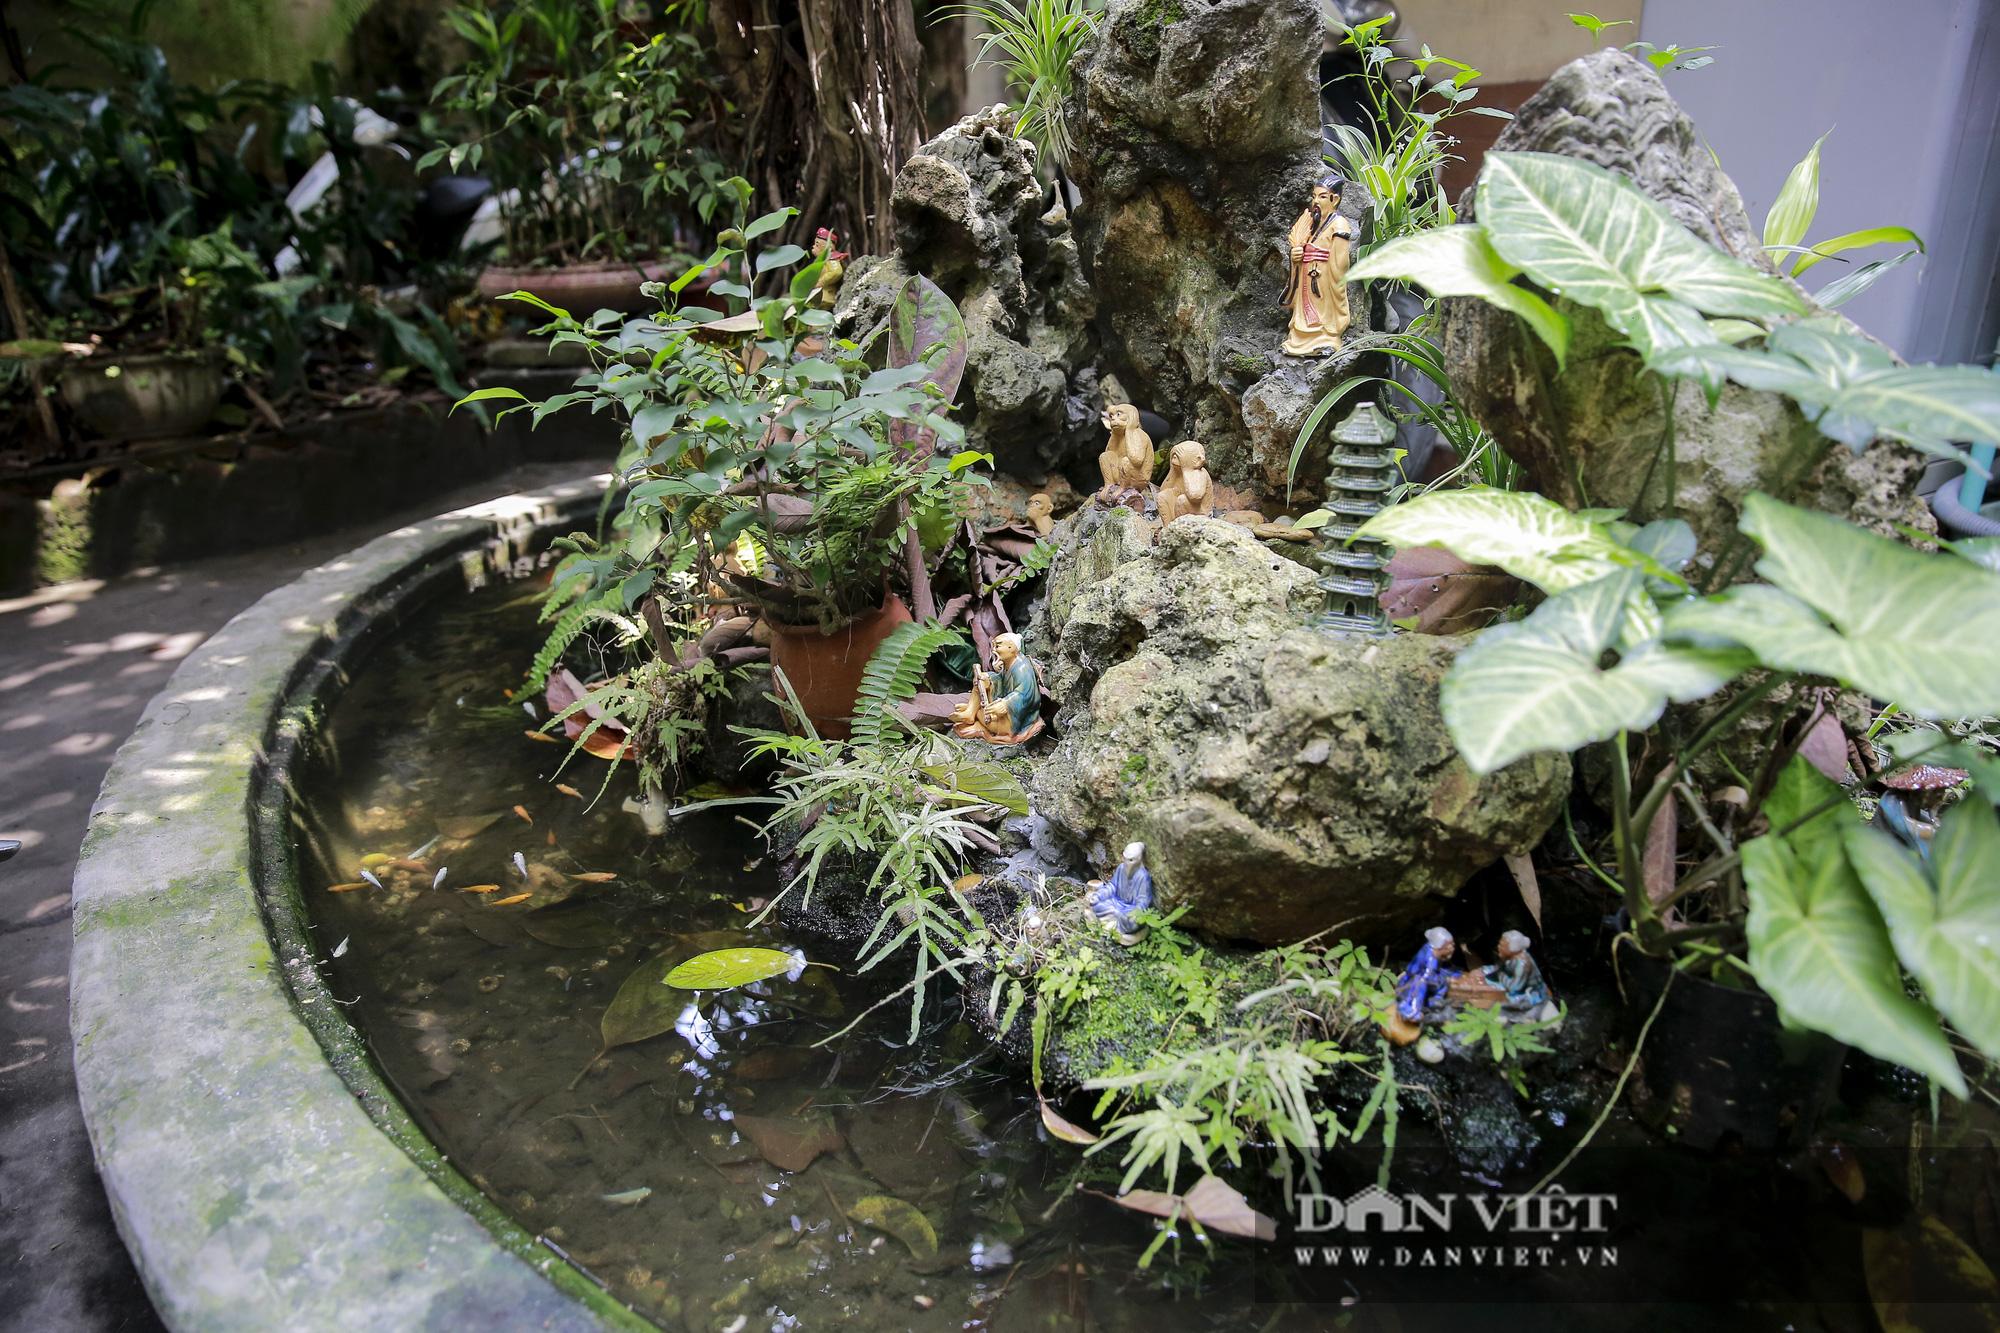 Khám phá ngôi nhà vườn xuyên phố duy nhất ở phố cổ Hà Nội - Ảnh 5.